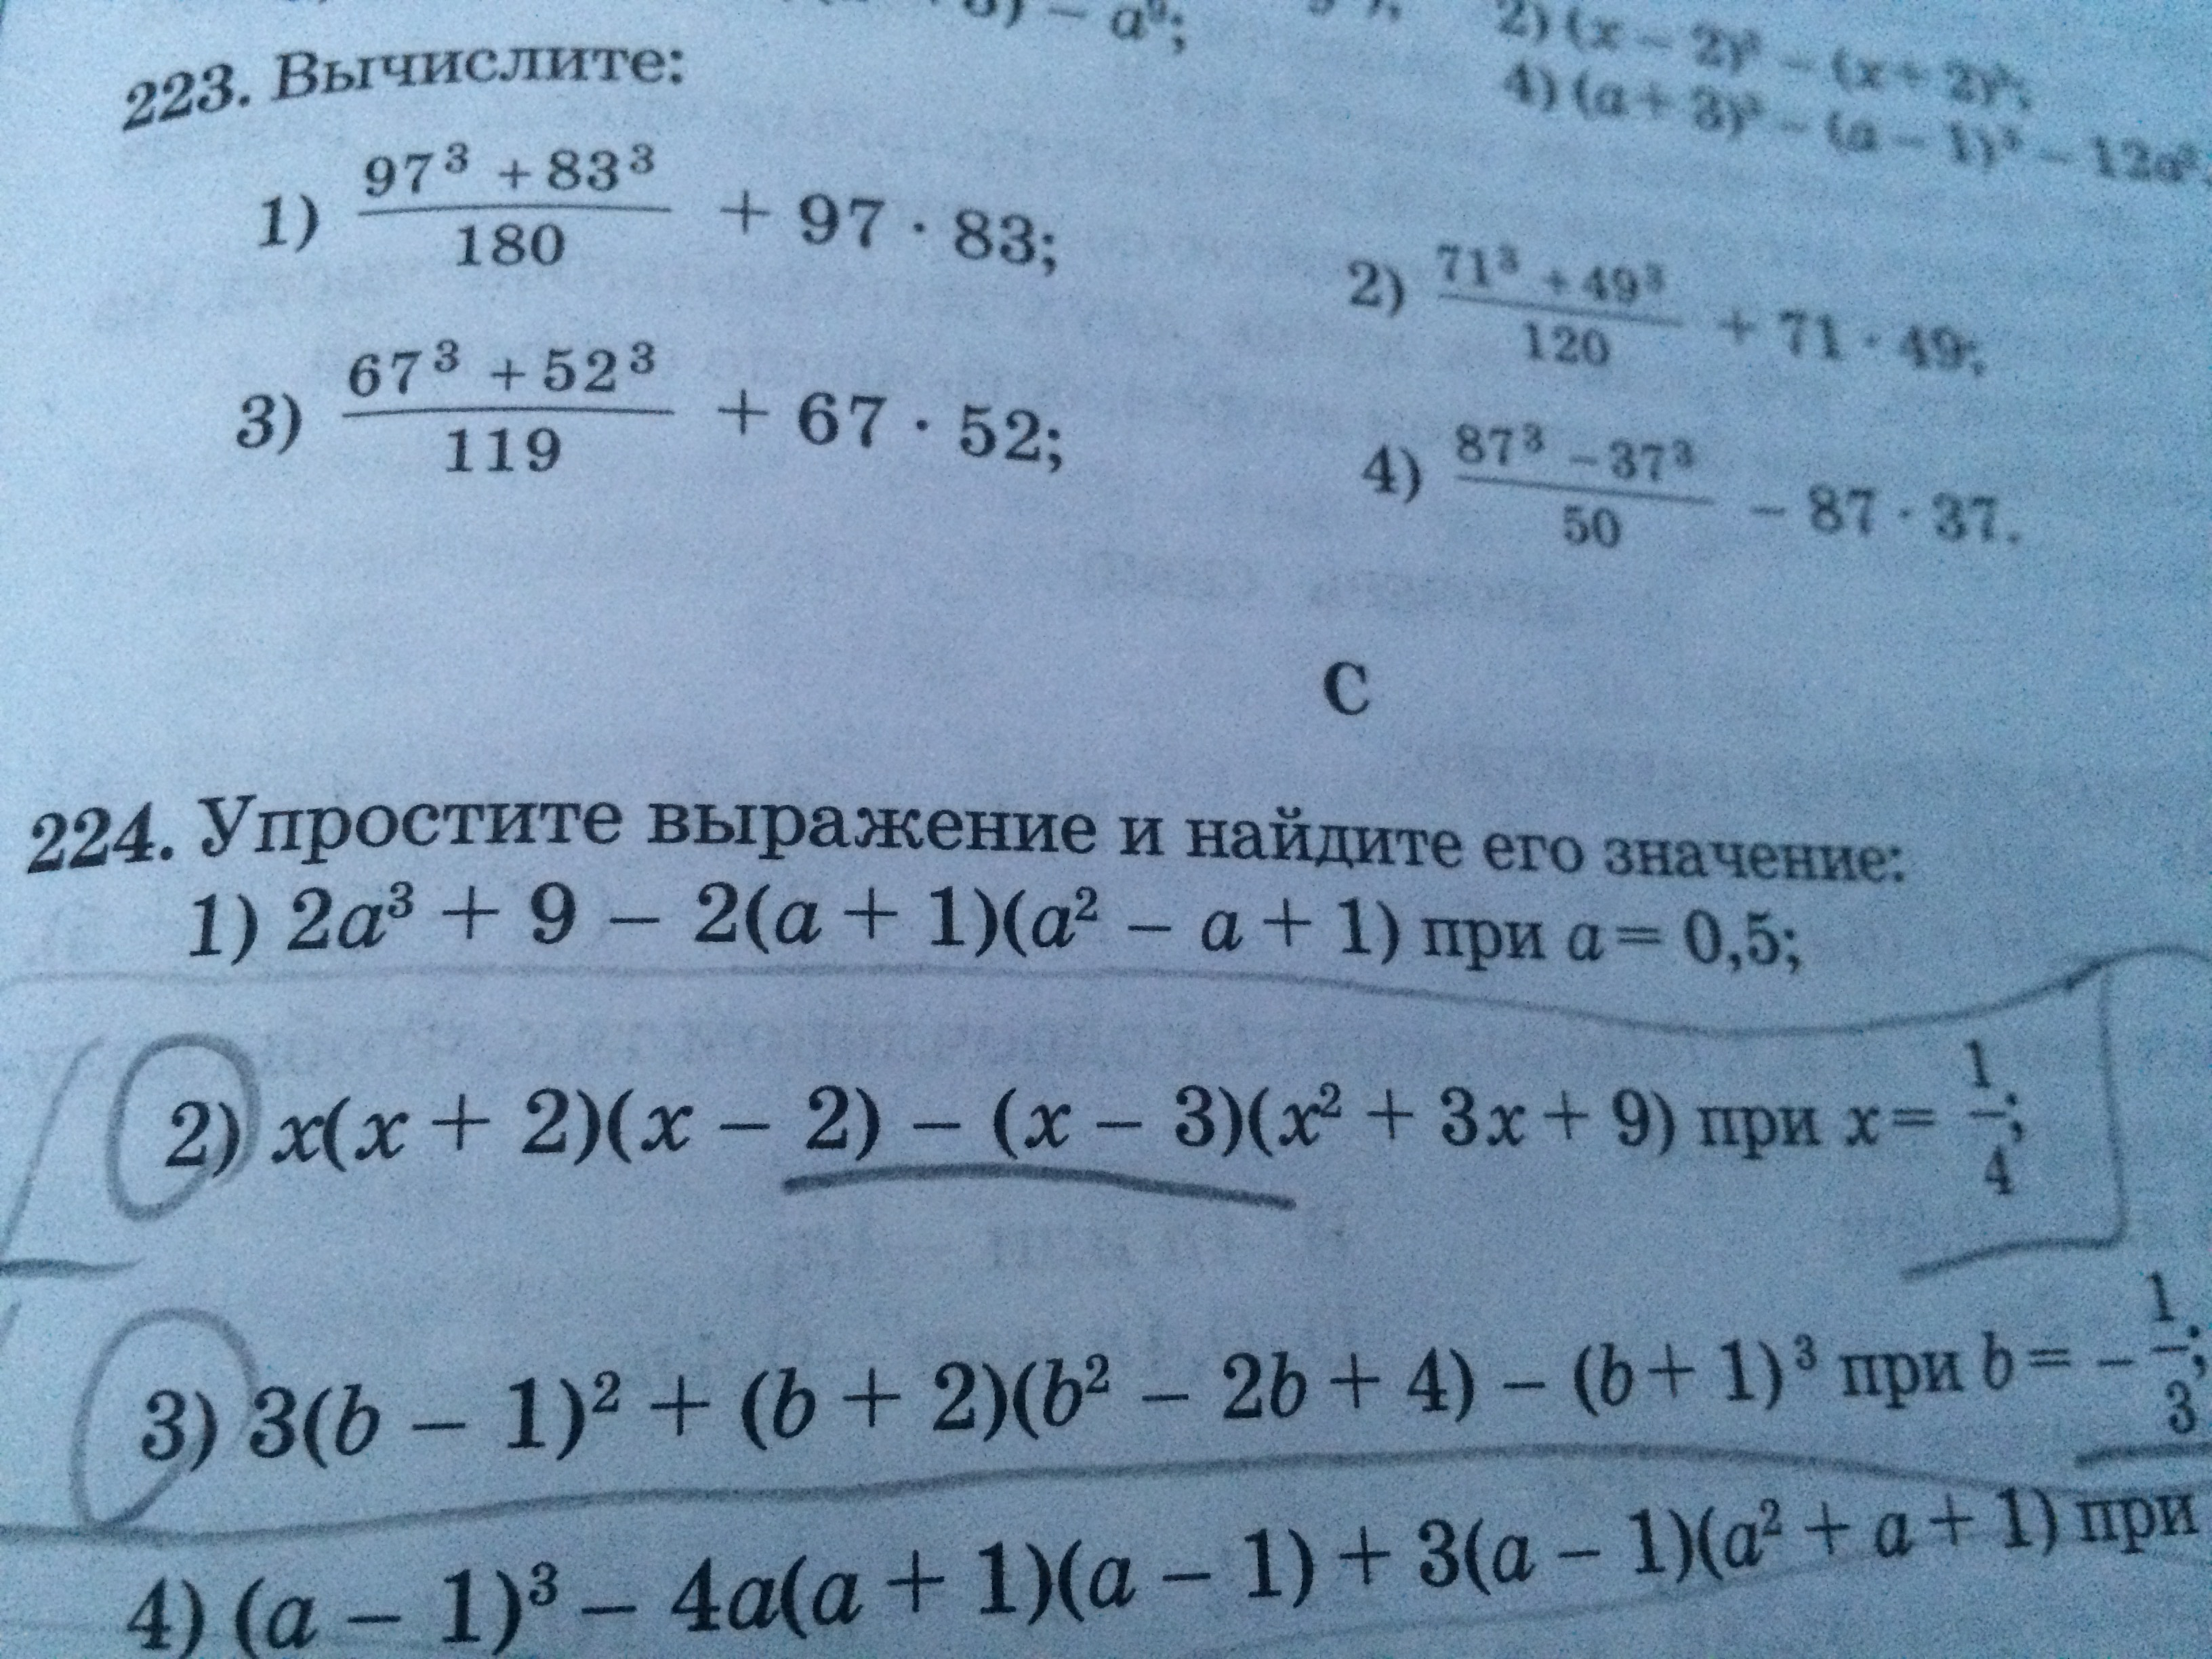 Примеры (2, 3) плиз решите))))))))))?